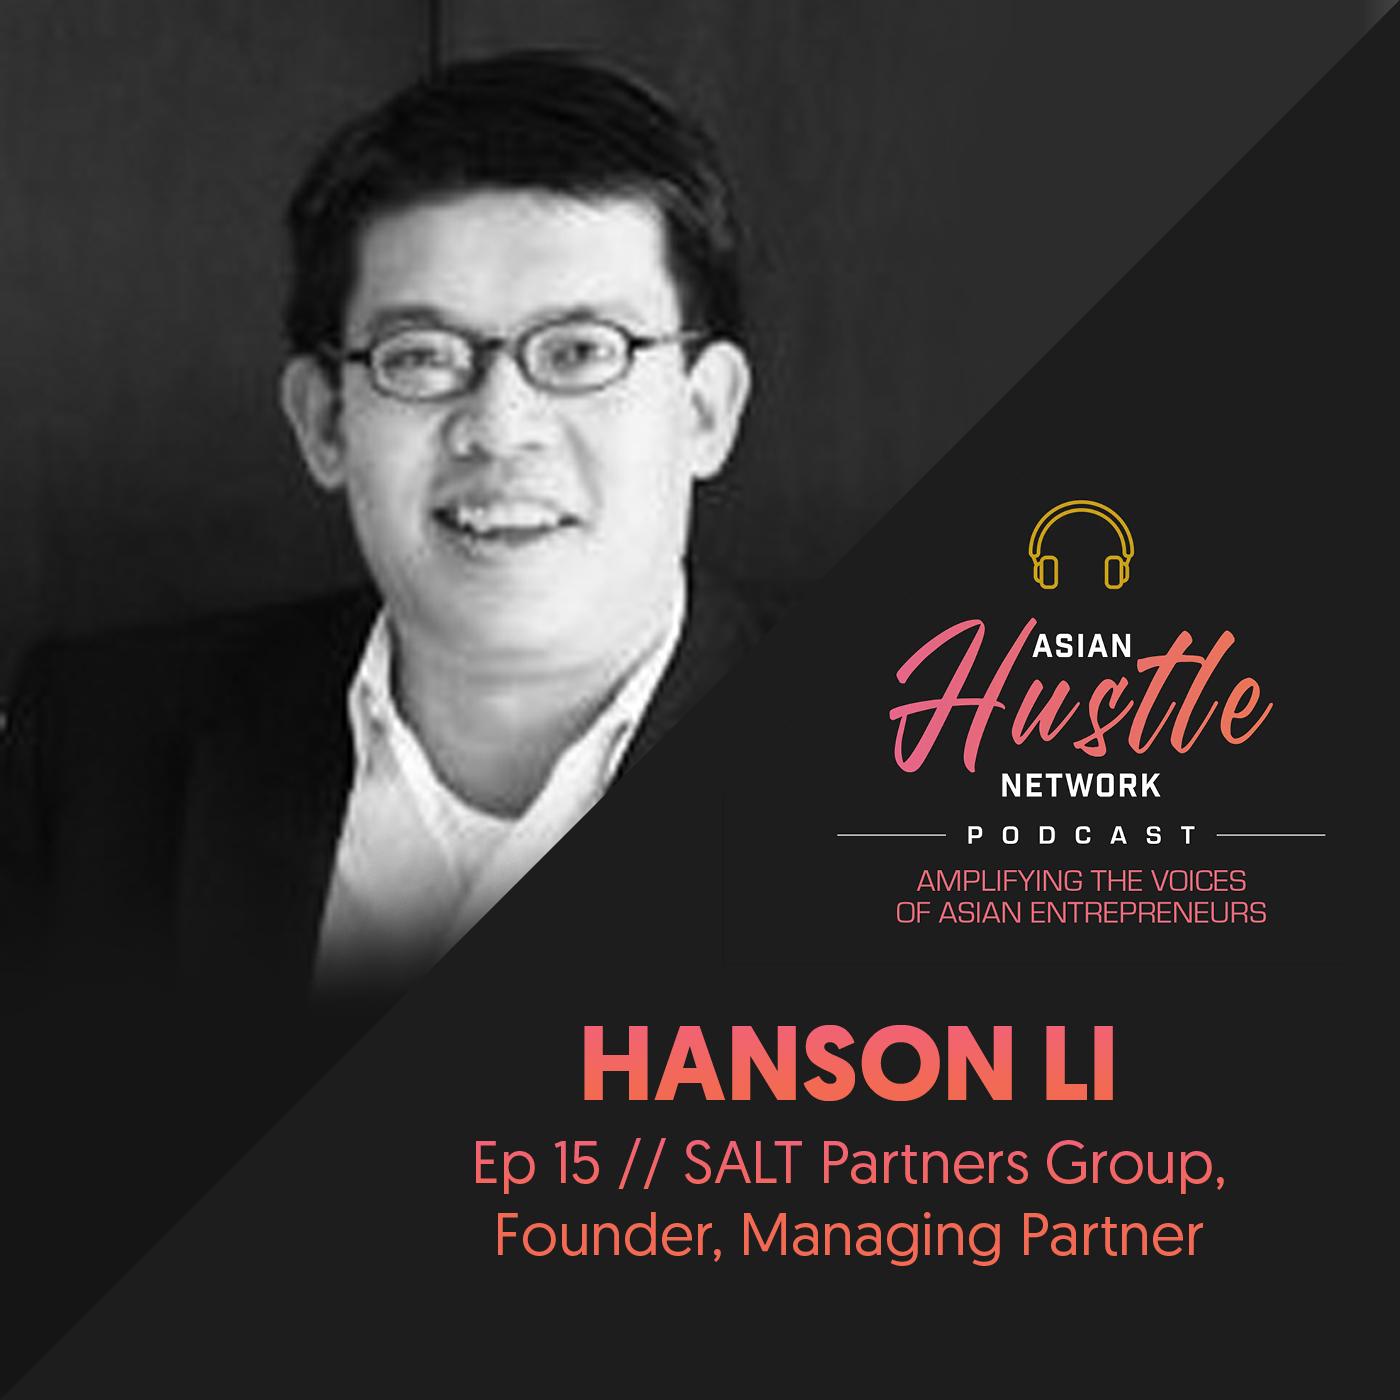 www.asianhustlenetwork.com: Hanson Li // Ep 15 // SALT Partners Group, Founder, Managing Partner